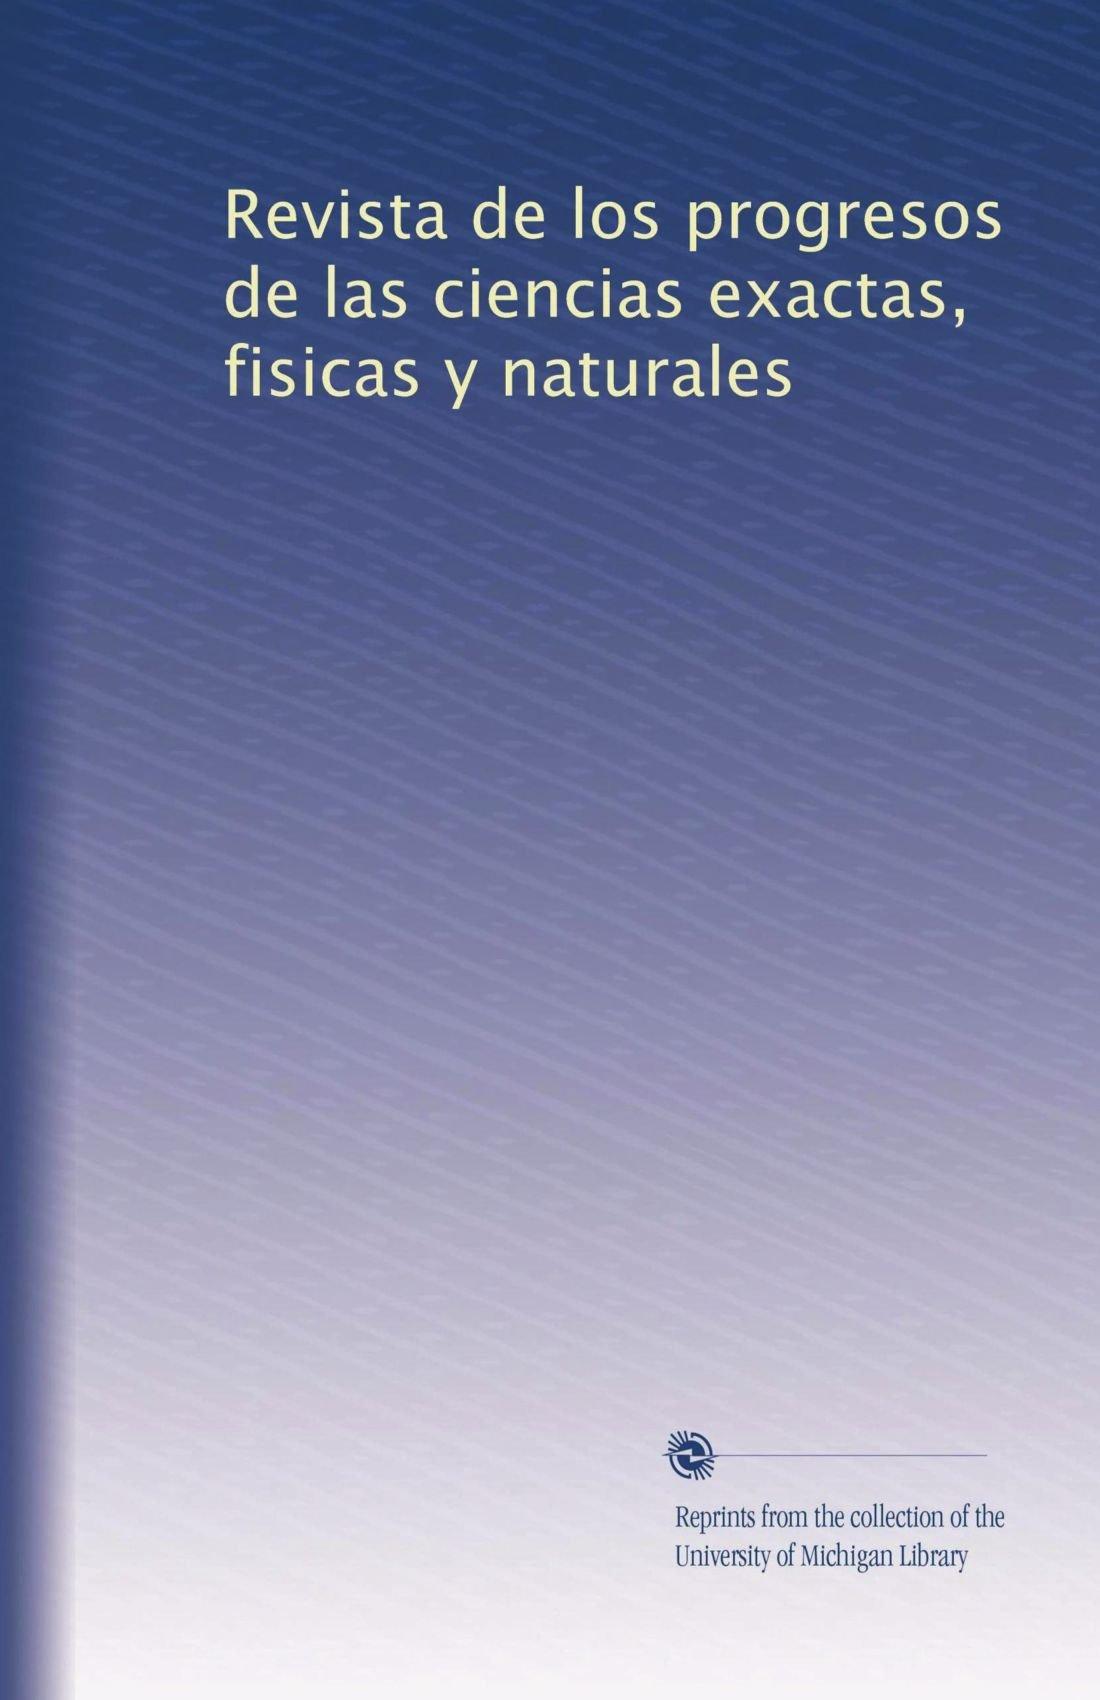 Download Revista de los progresos de las ciencias exactas, fisicas y naturales (Spanish Edition) PDF